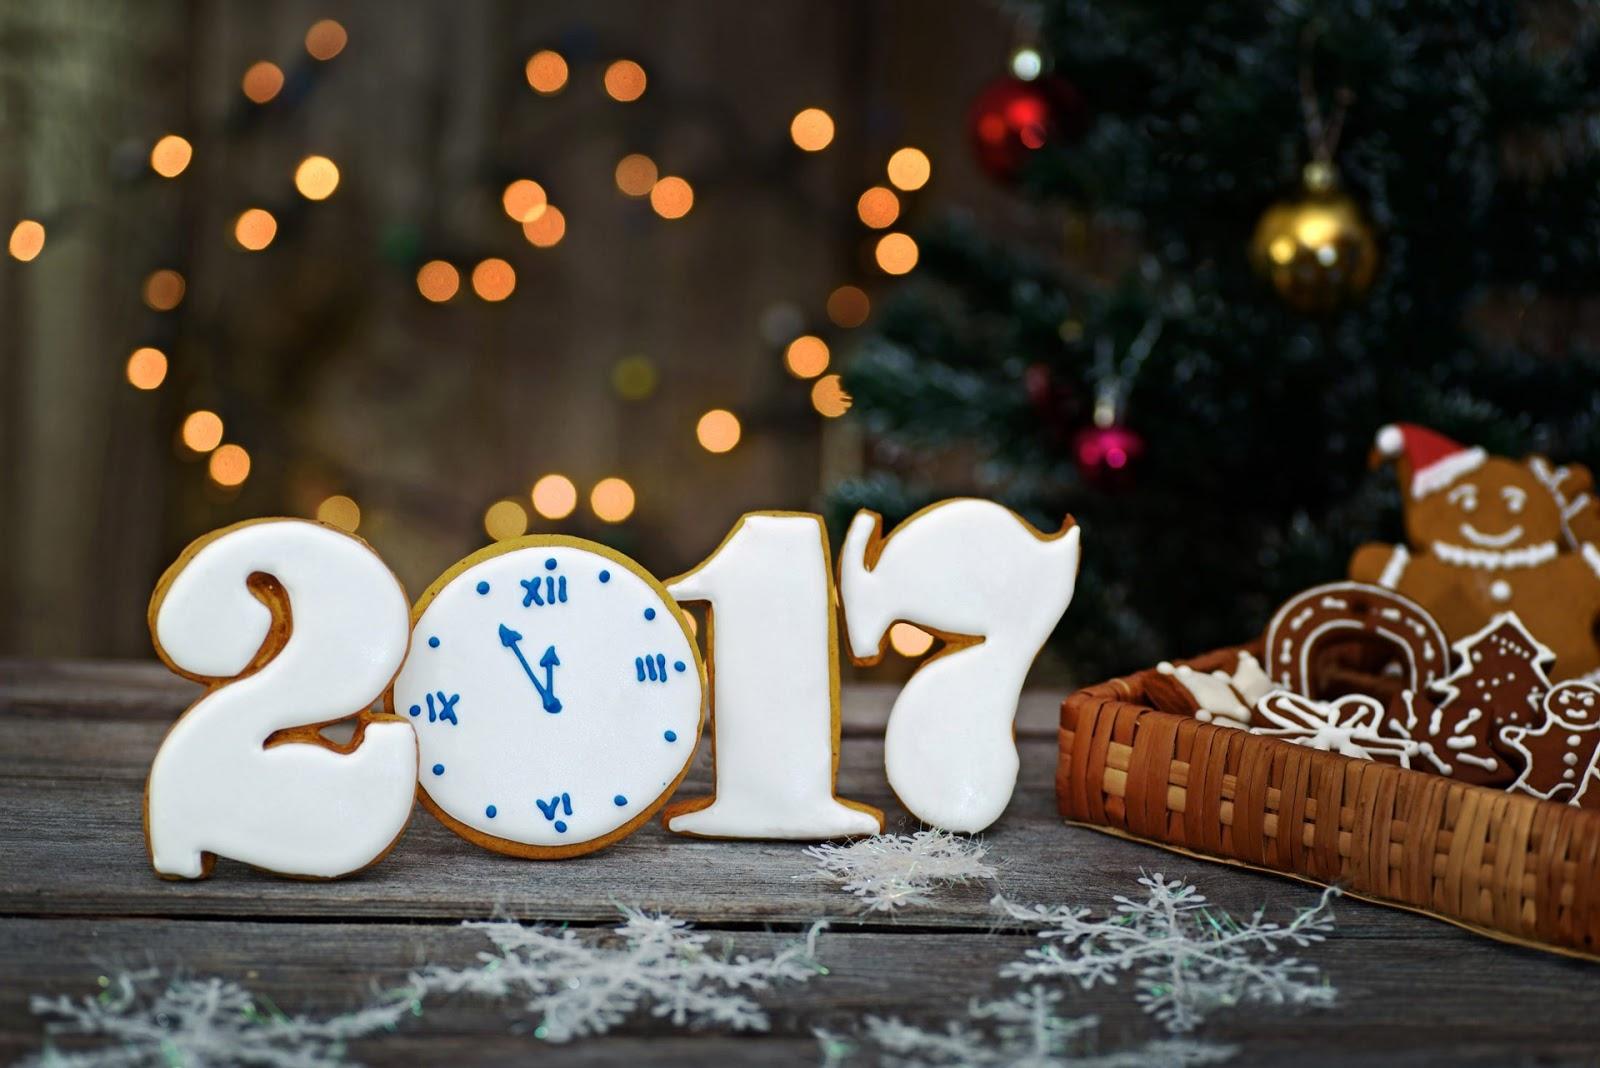 Hình nền tết 2017 đẹp chào đón năm mới - hình 12